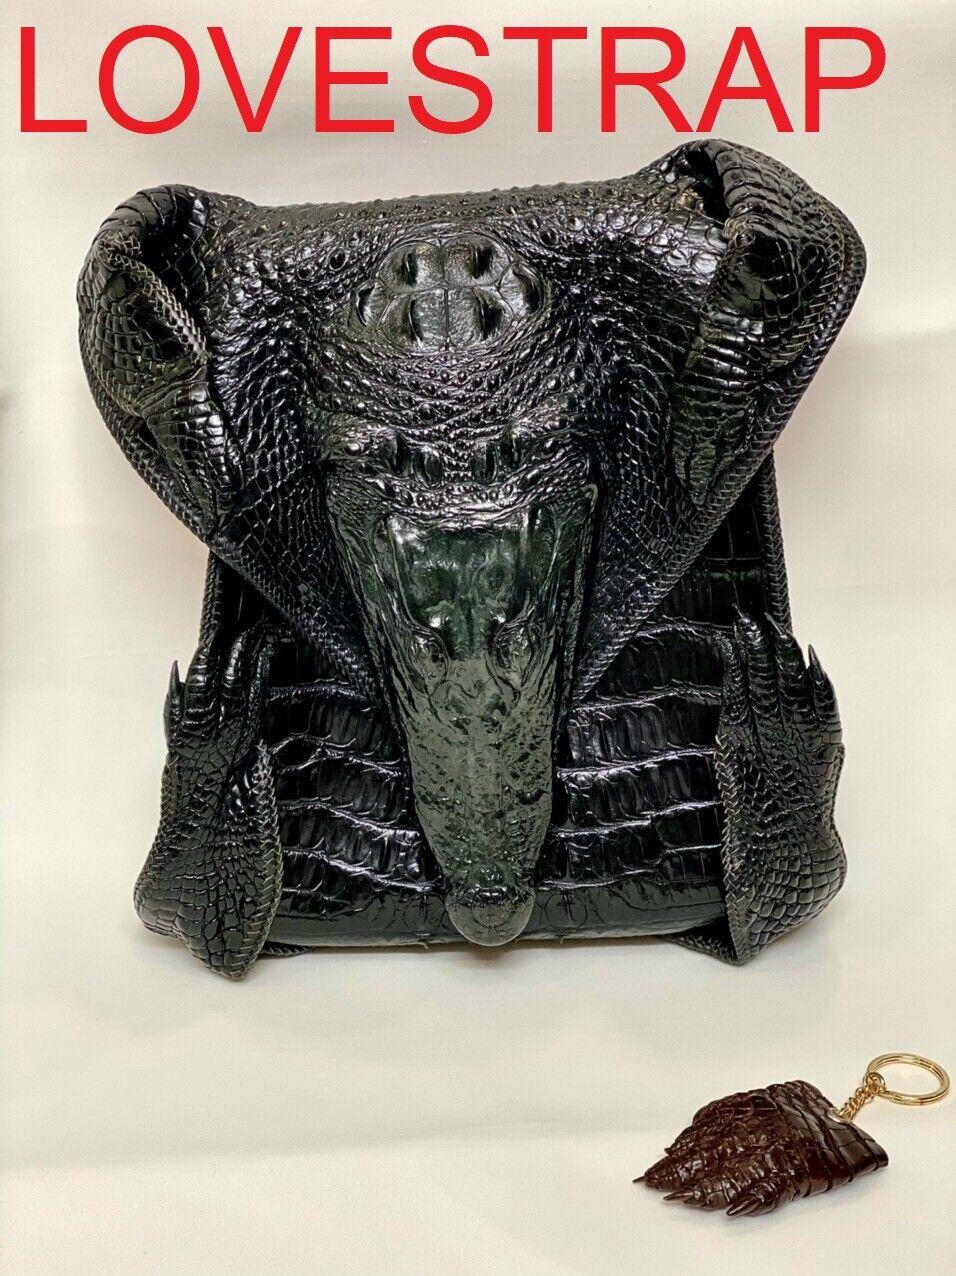 Men Luxury Genuine Crocodile Alligator Skin Leather Handbag/ Shoulder Bag Travel